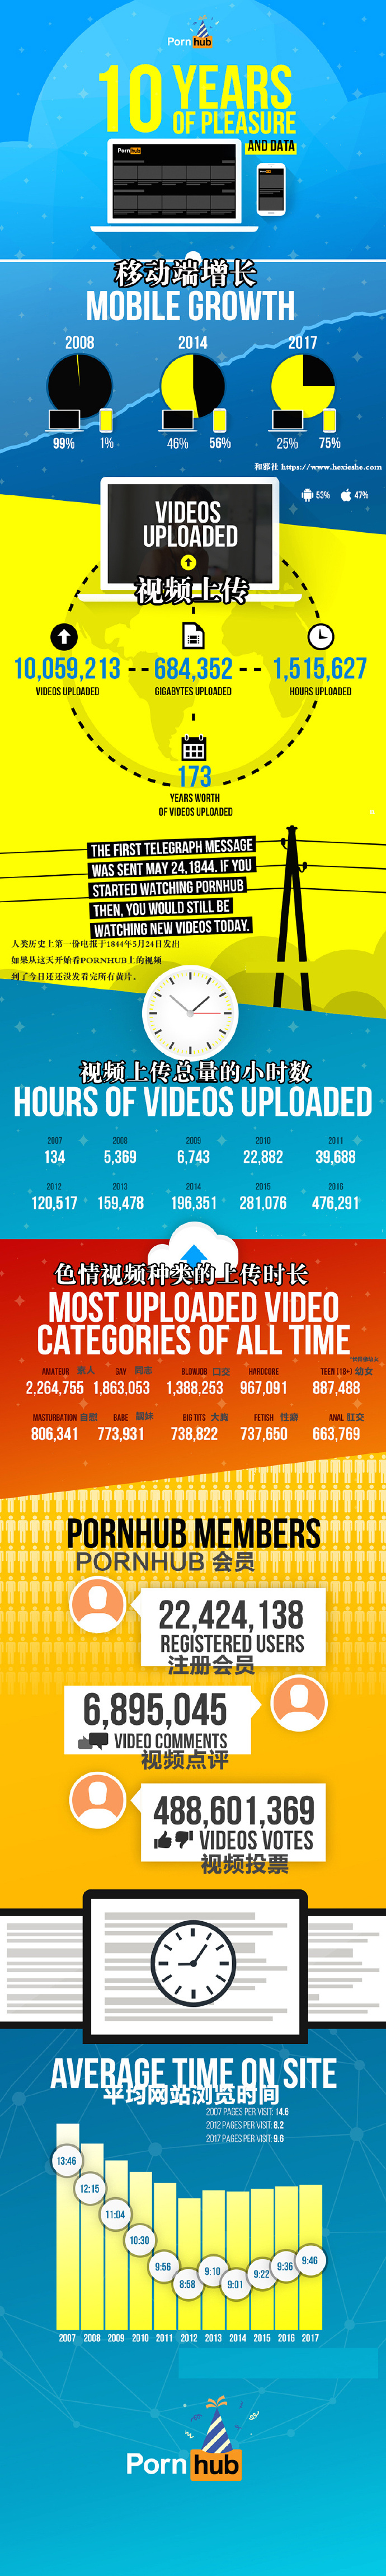 【黄站大数据】精血来凝聚 -世界最大色情视频网站Pornhub十周年数据图表